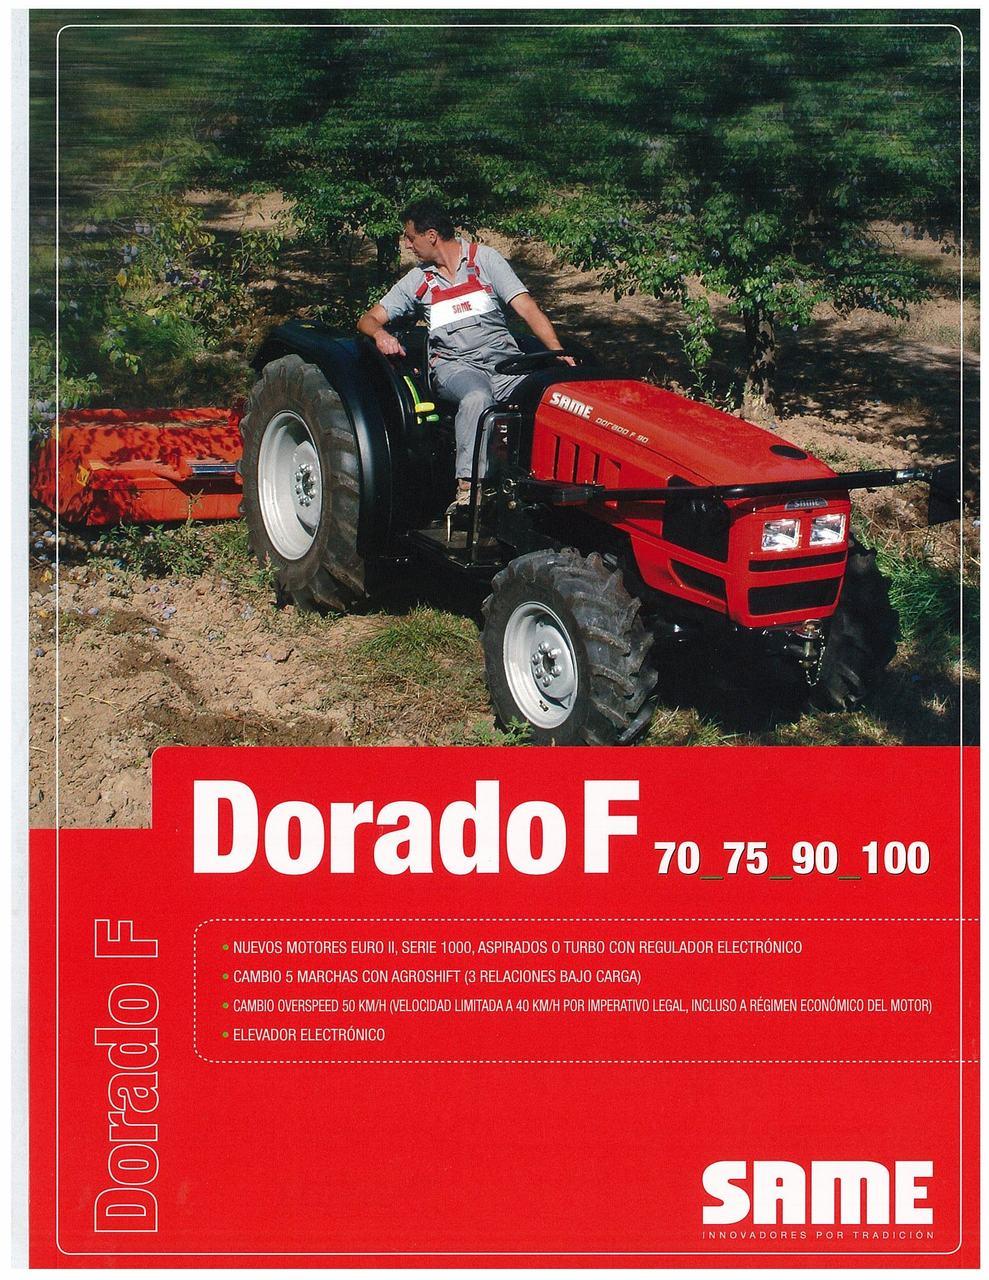 DORADO F 70 - 75 - 90 - 100